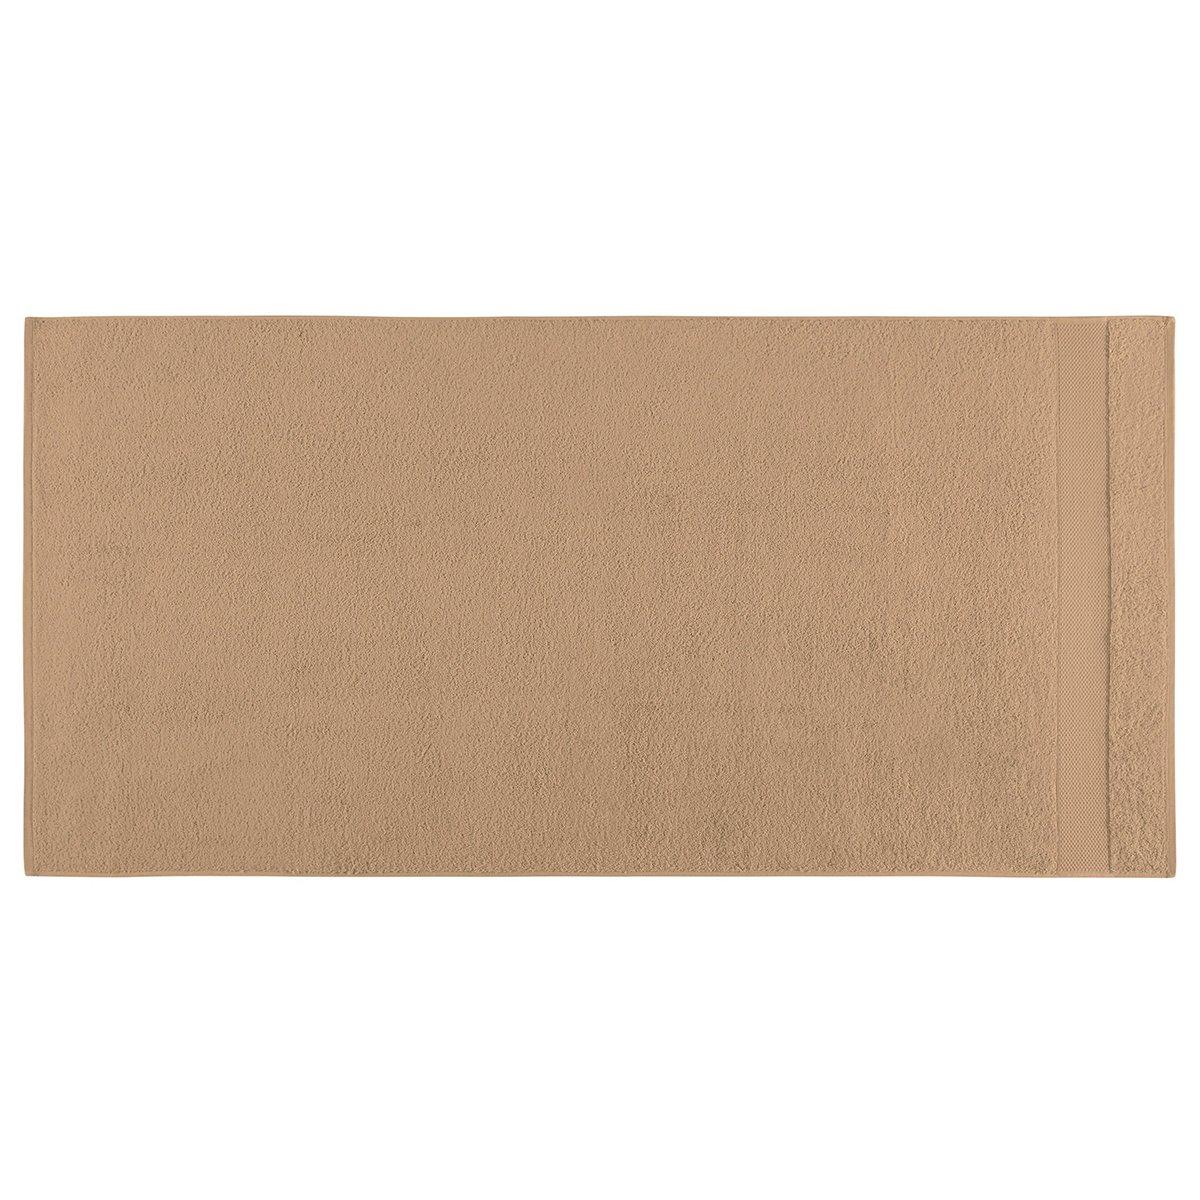 Drap de douche coton 70x140 cm roseau